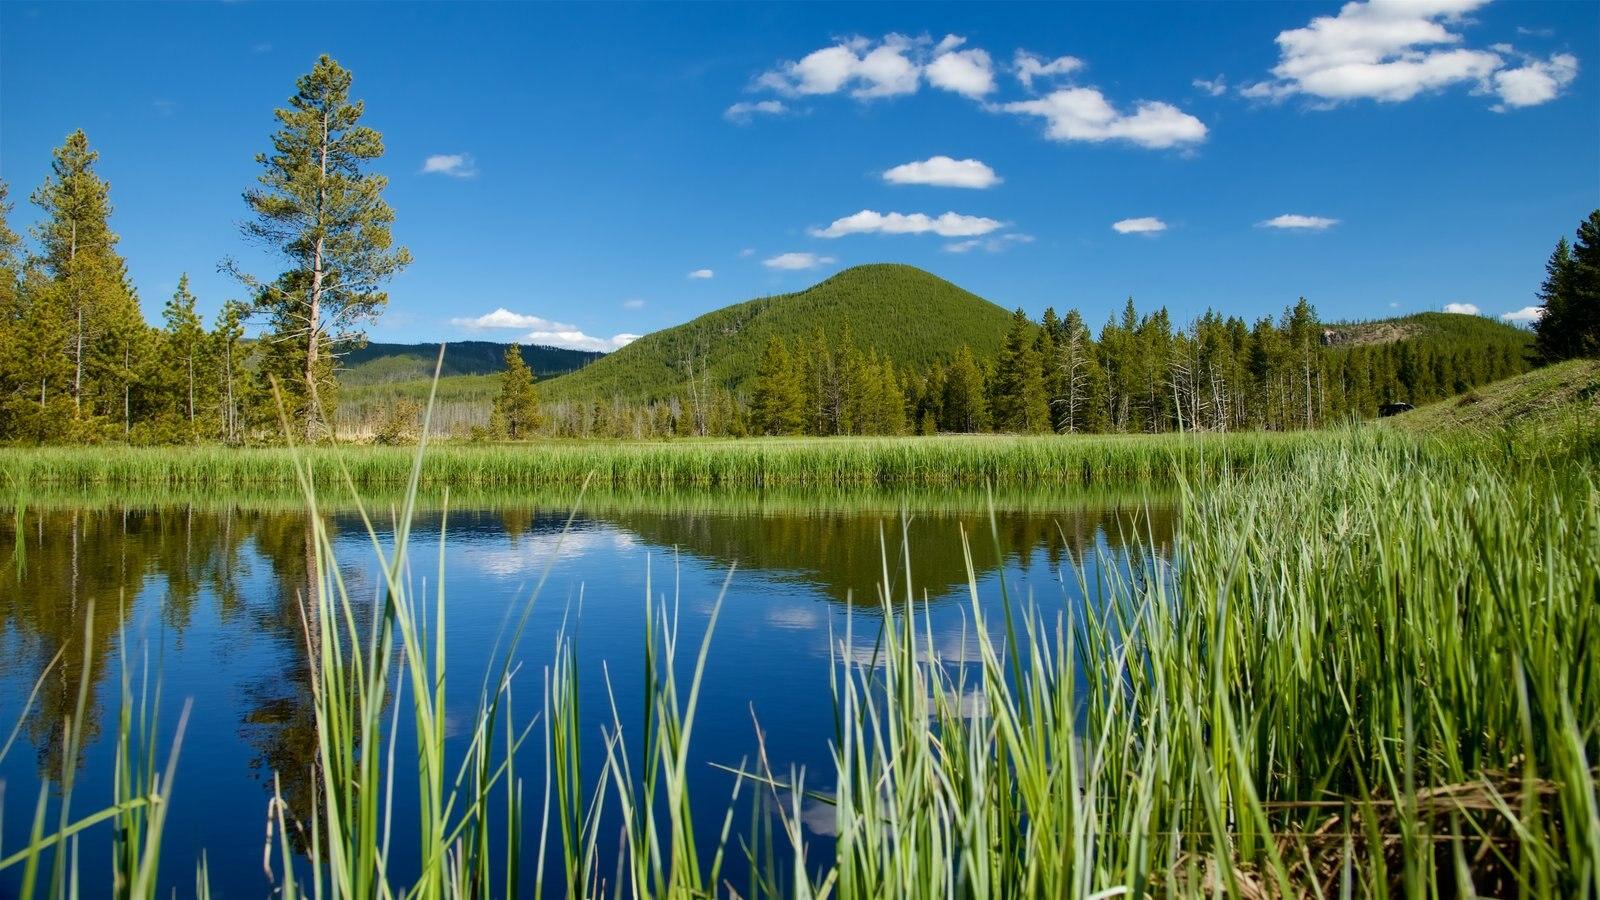 Yellowstone National Park mostrando cenas tranquilas, pântano e um lago